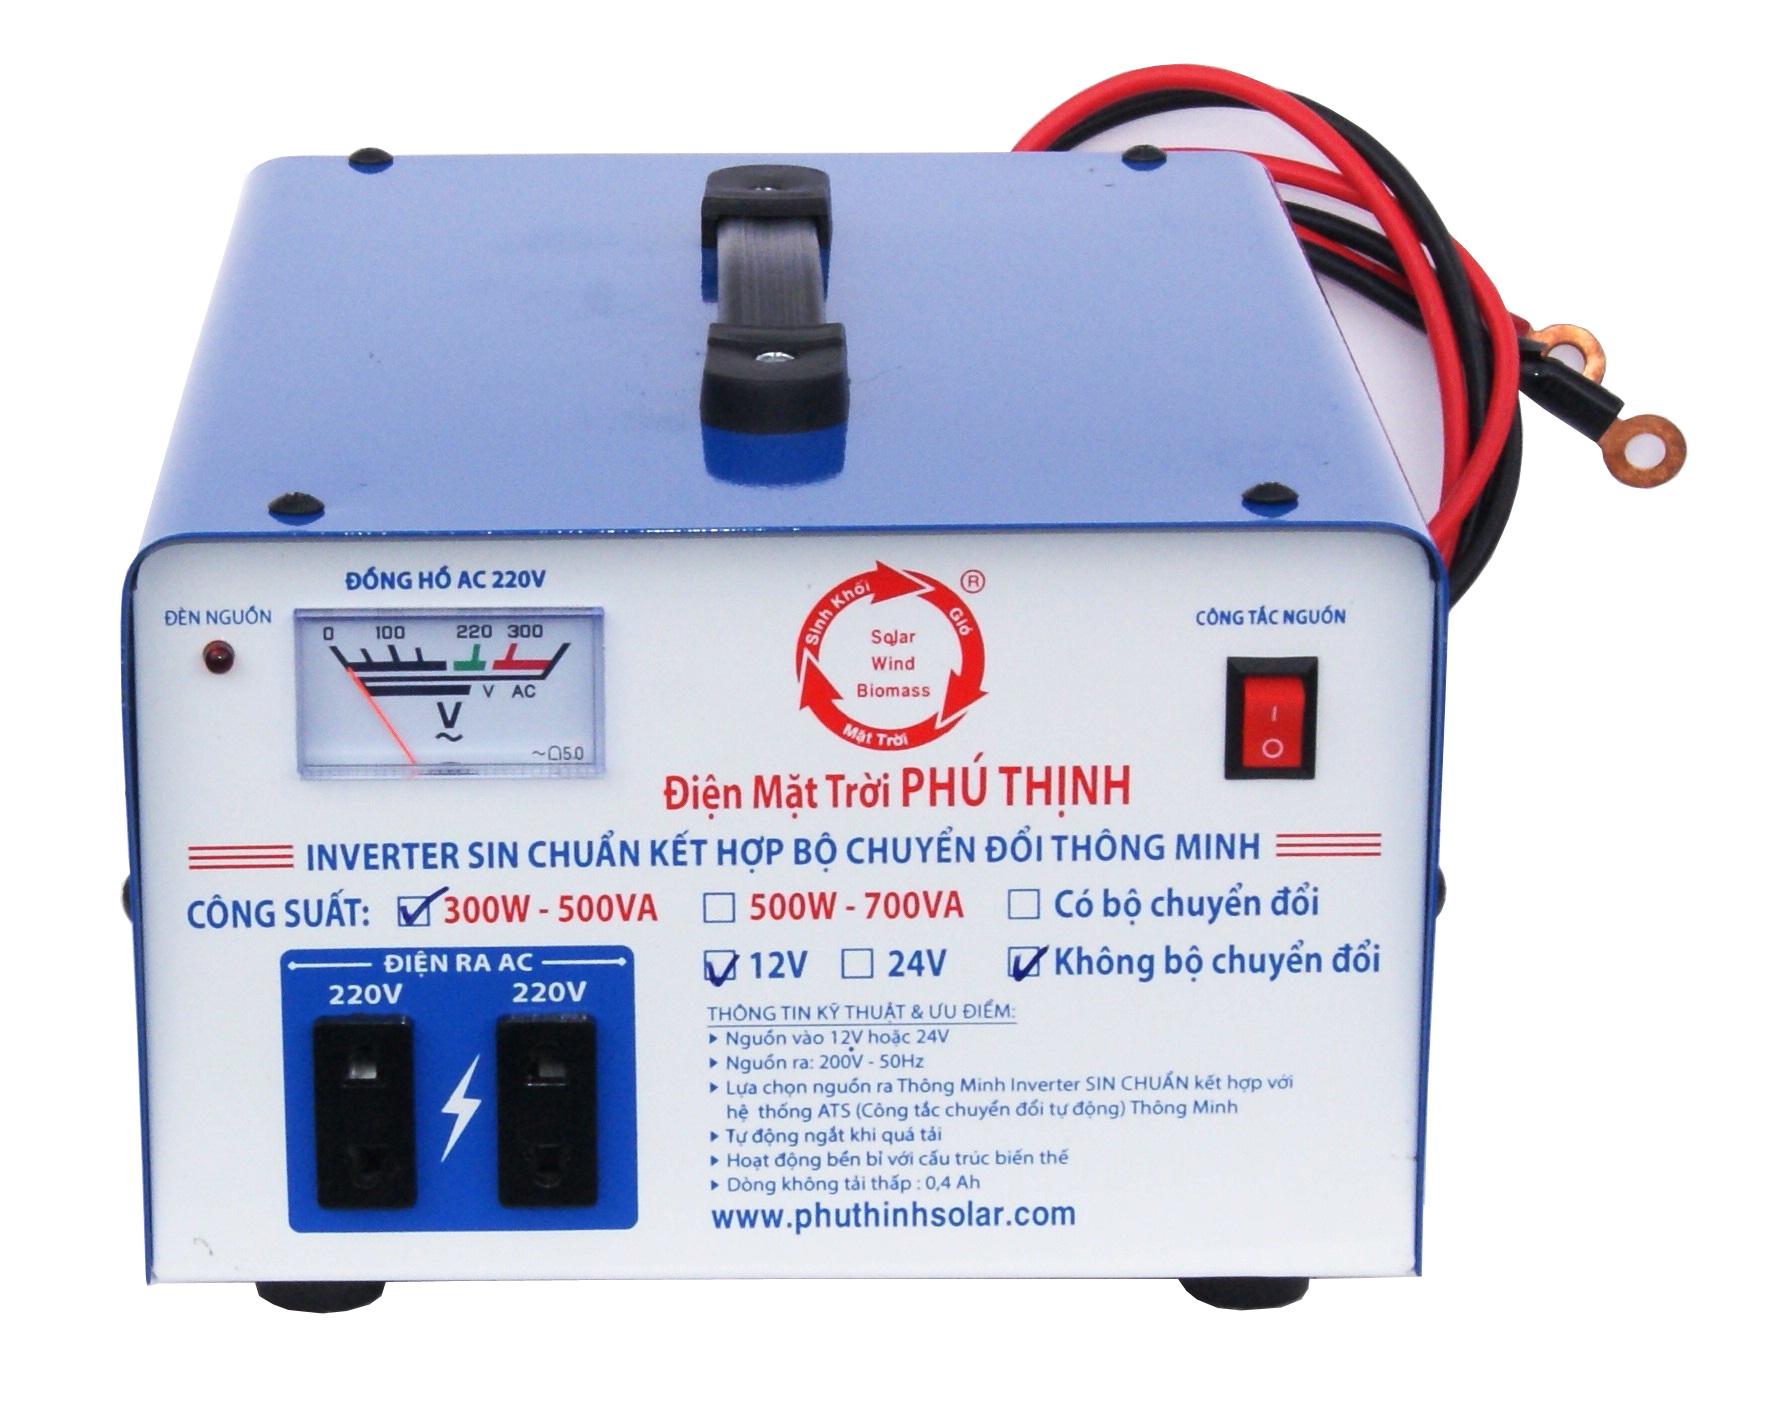 Inverter Sin Chuẩn 12V / 24V 500VA - 700VA